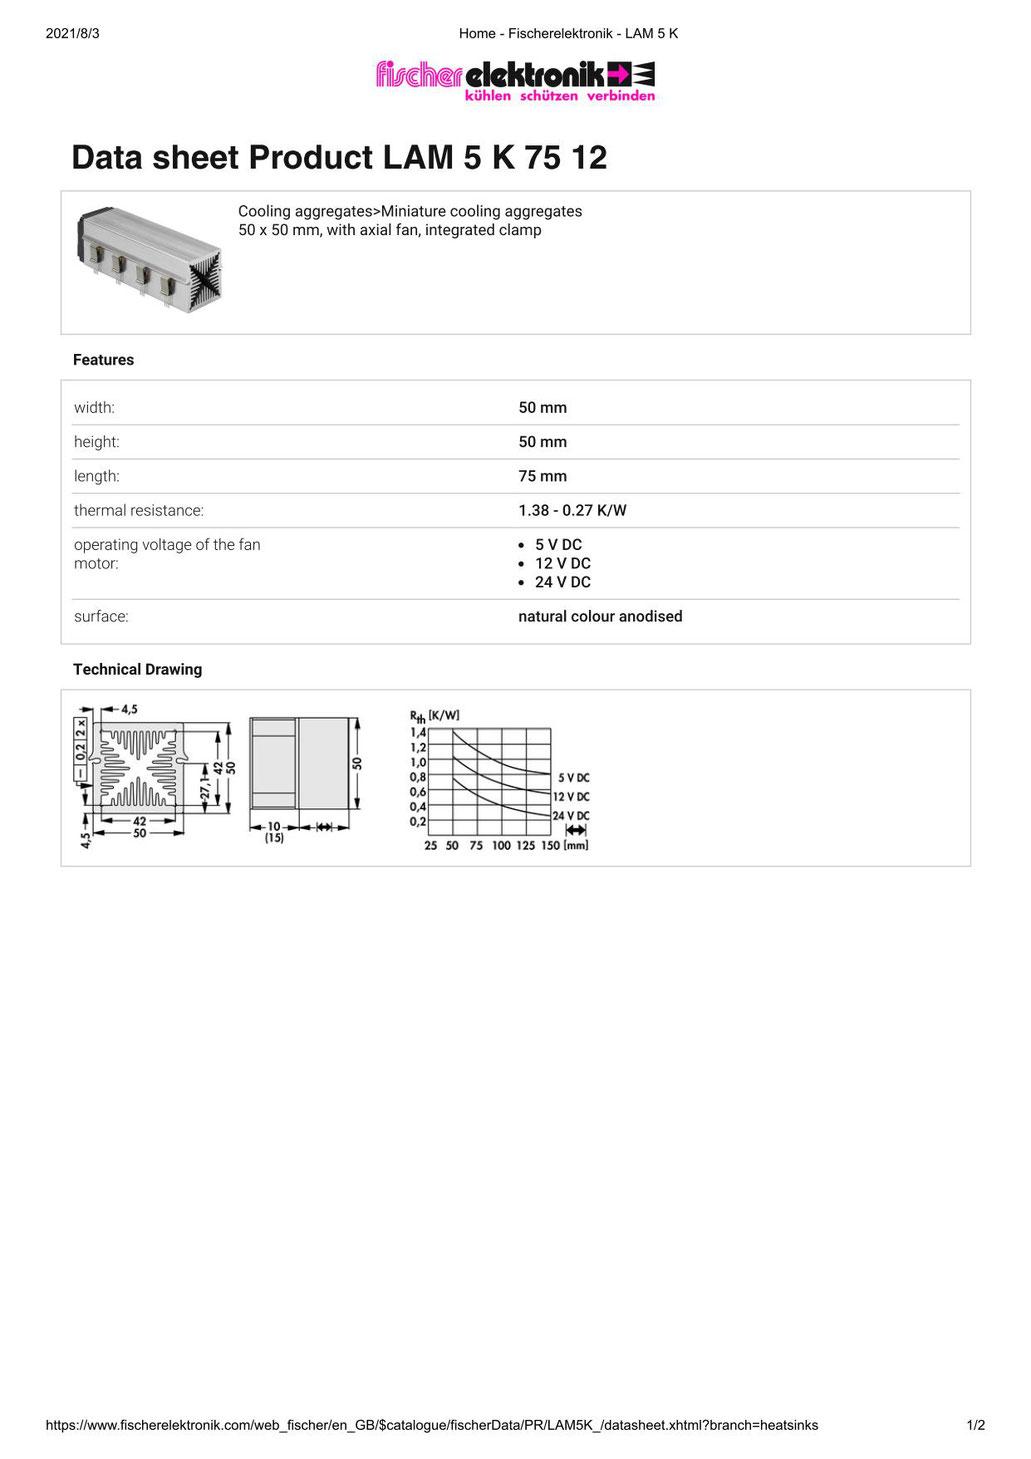 LAM 5 K 75 12 Fischer /フィッシャー 軸流ファン付 ヒートシンク